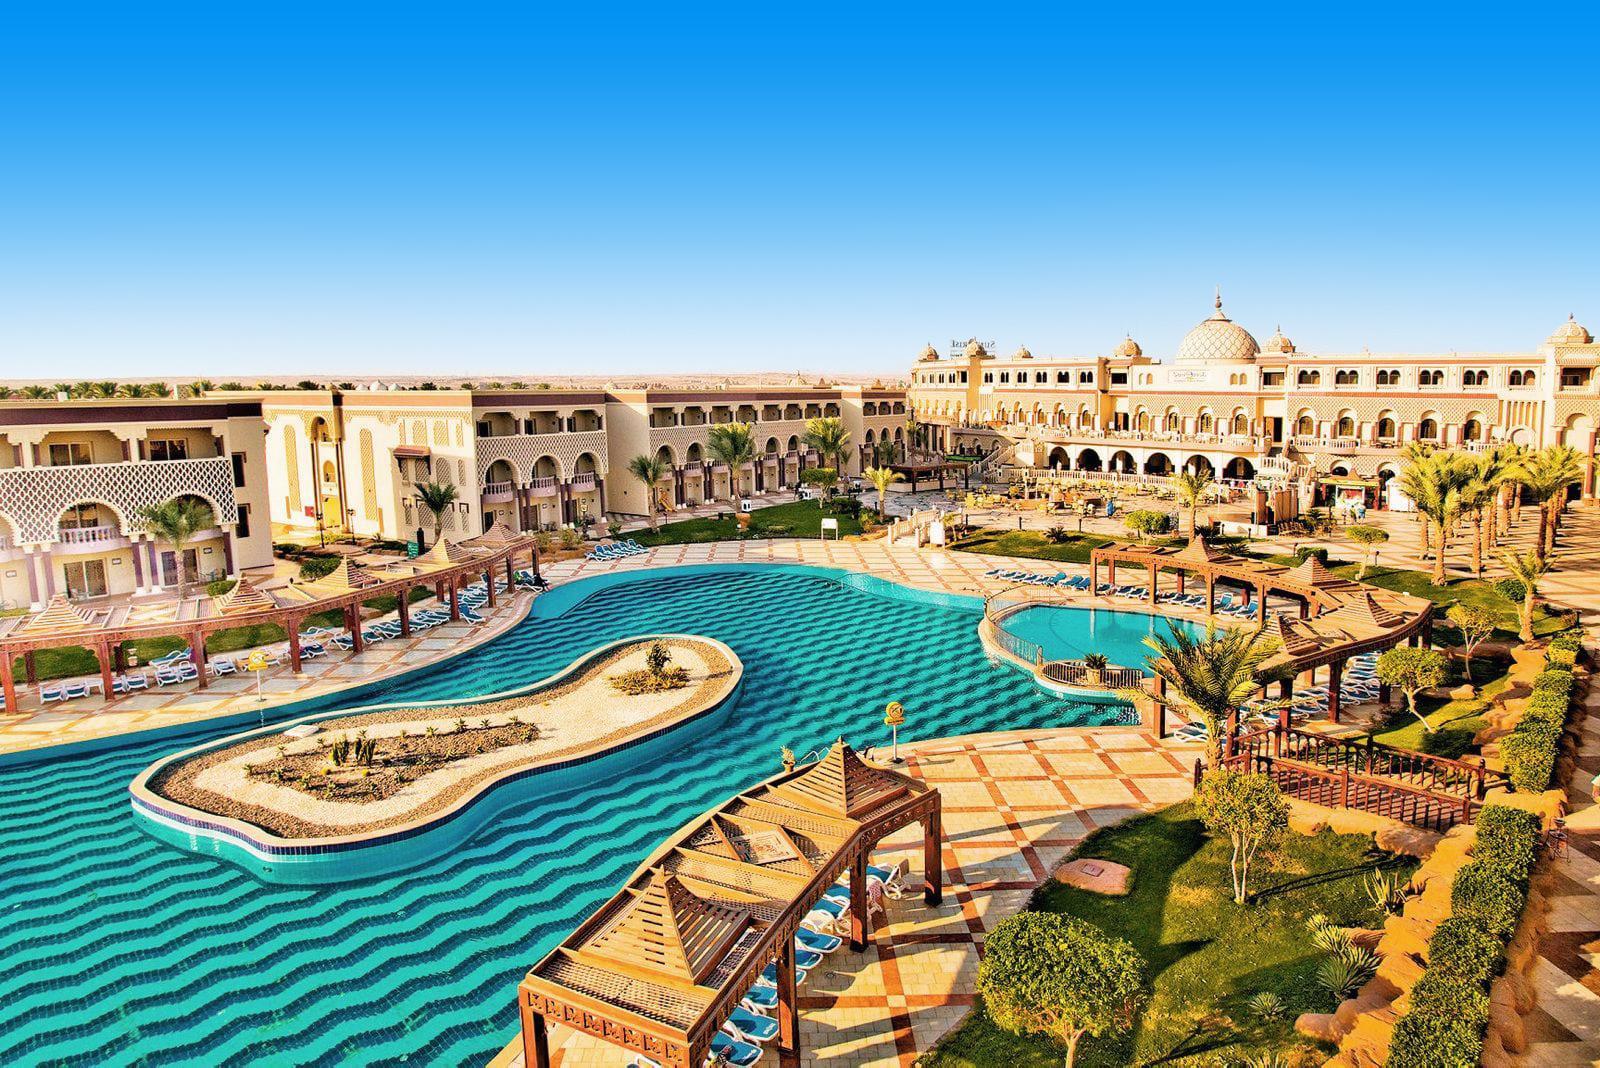 8 daagse vliegvakantie naar SENTIDO Mamlouk Palace Resort in hurghada, egypte